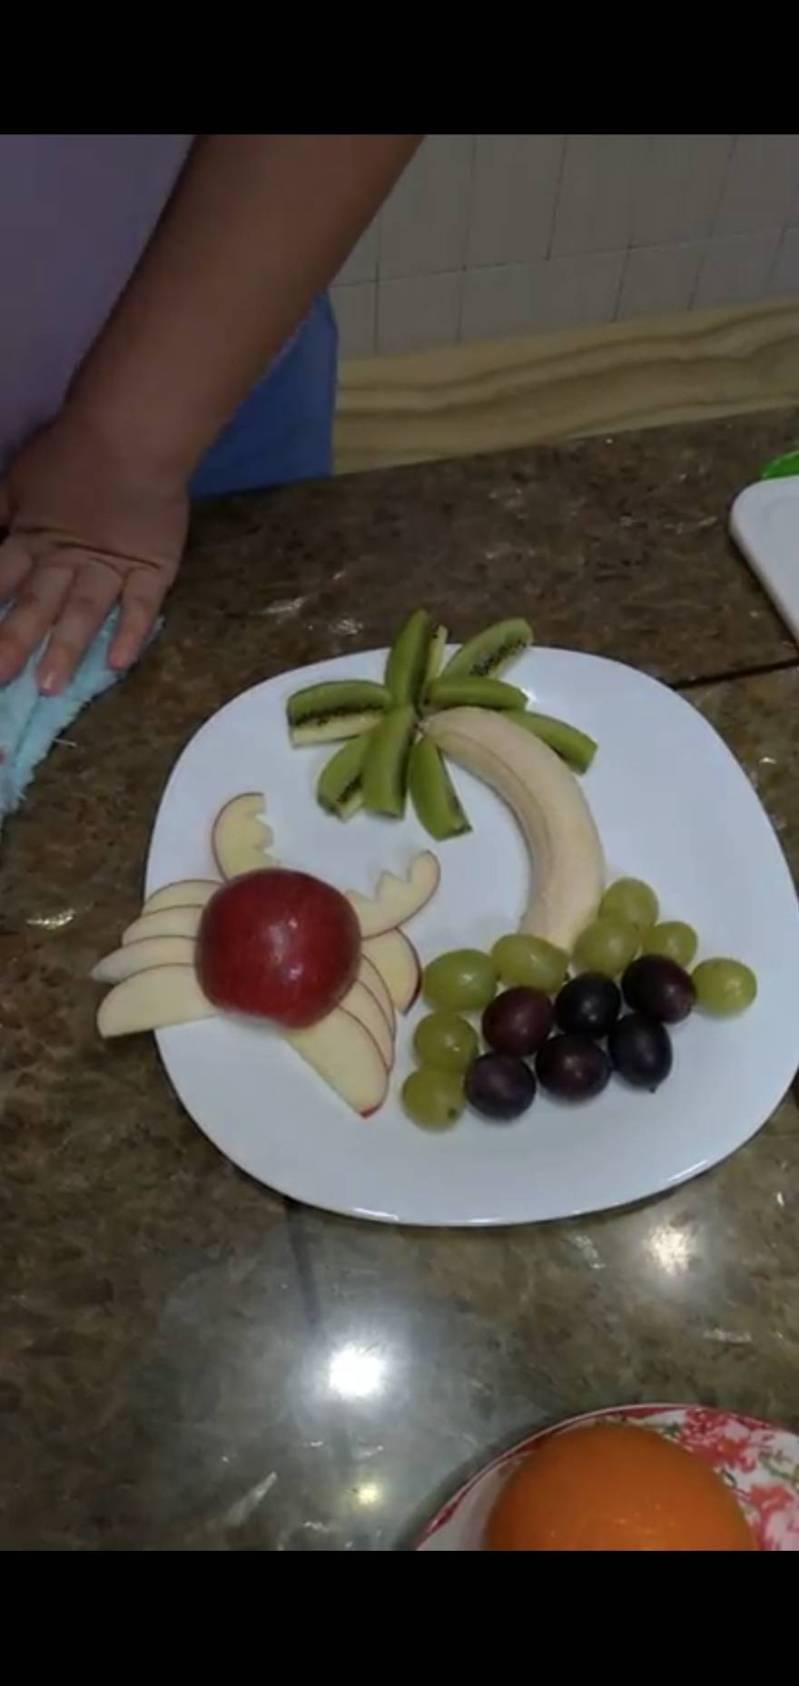 一名高職觀光科教師出了一道「水果擺盤」作業,請學生在家自選三種水果練擺盤,並將影片上傳。圖/盧老師提供